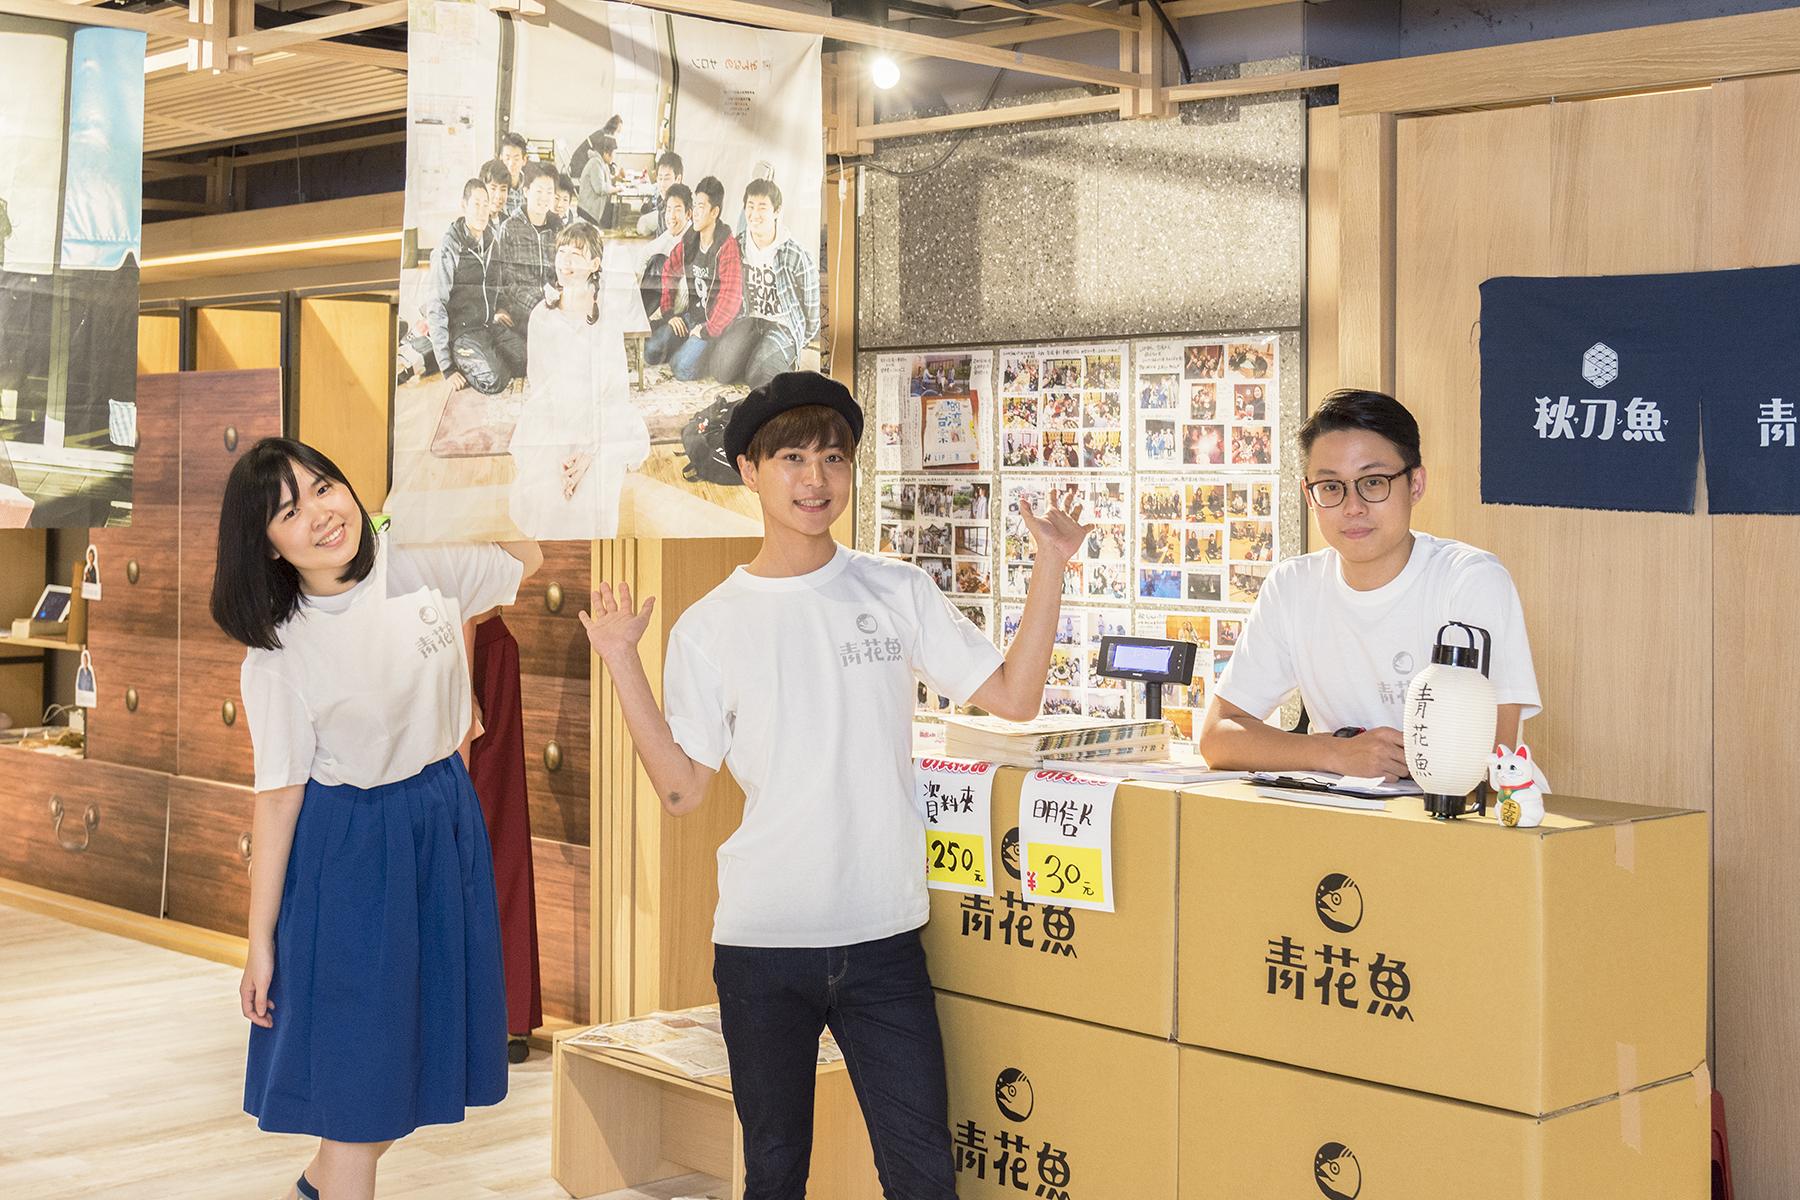 《秋刀魚》主編陳頤華、《LIP》編集長田中佑典、《秋刀魚》發行人鍾昕翰(由左至右)